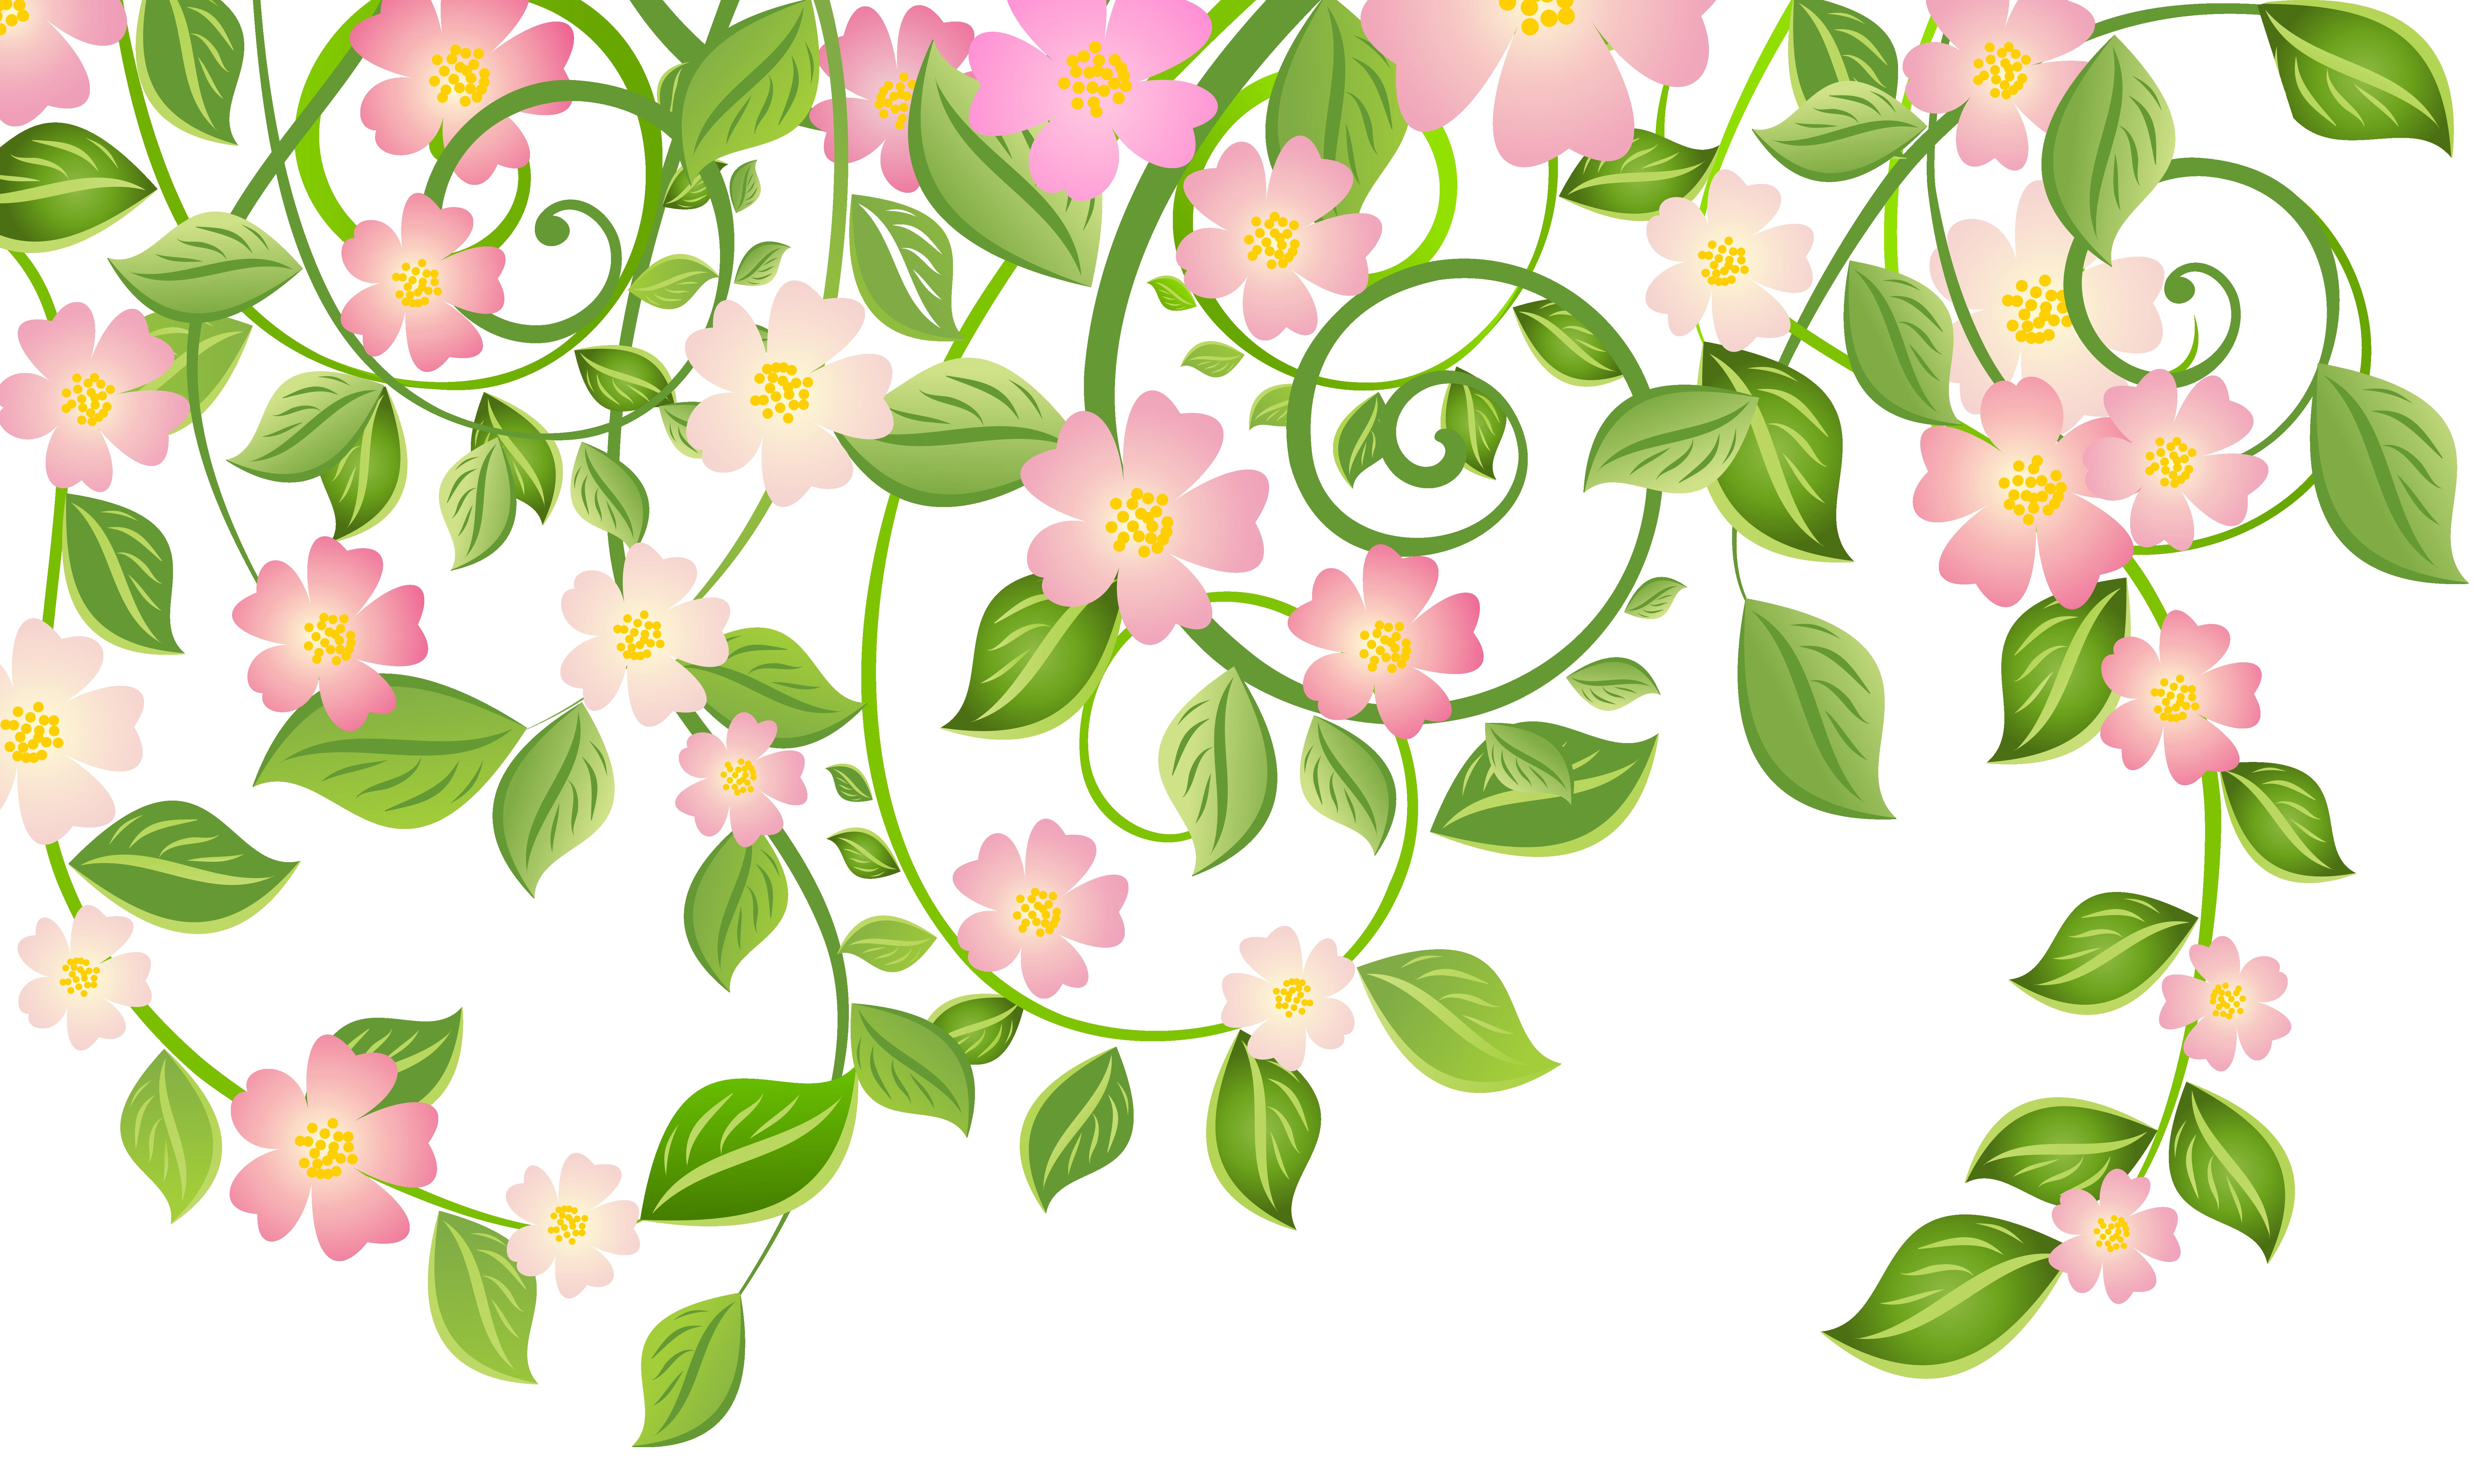 Flower clipart leaves. Spring blossom clip art